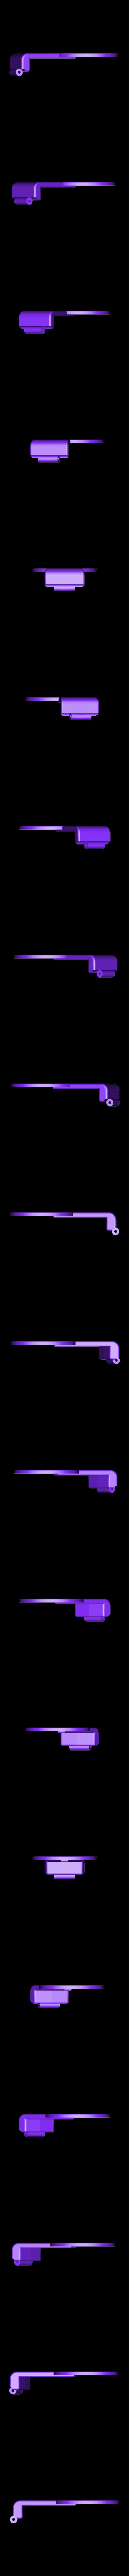 galaxy_plasma_top.stl Télécharger fichier STL gratuit Galaxy Quest Communicator • Plan pour imprimante 3D, poblocki1982